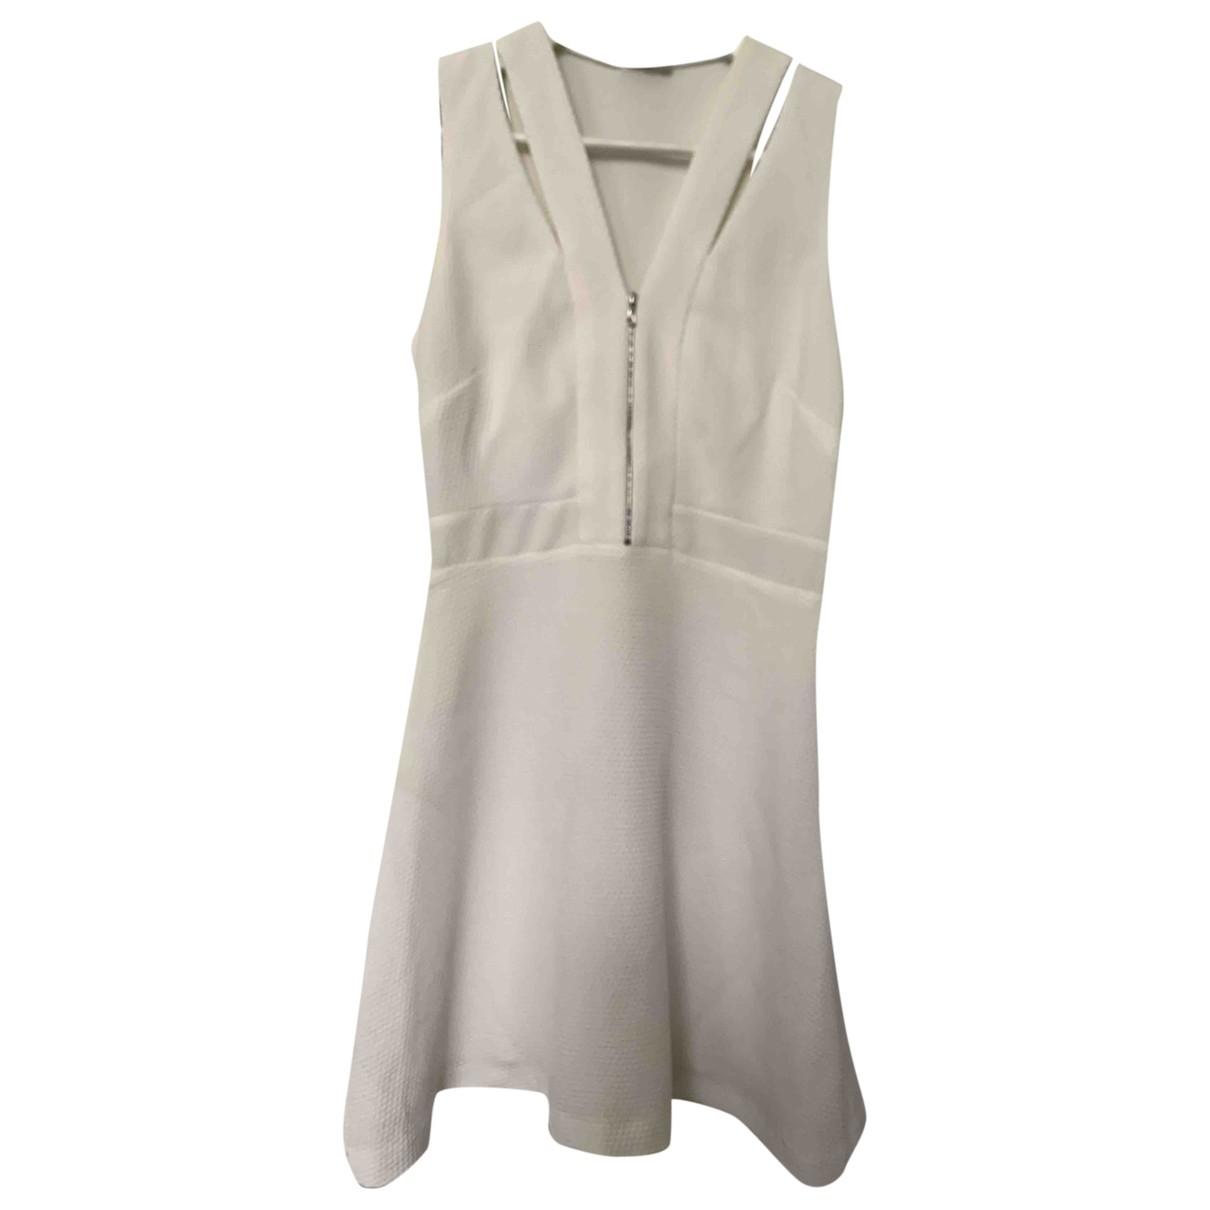 Sandro \N White Cotton - elasthane dress for Women 36 FR